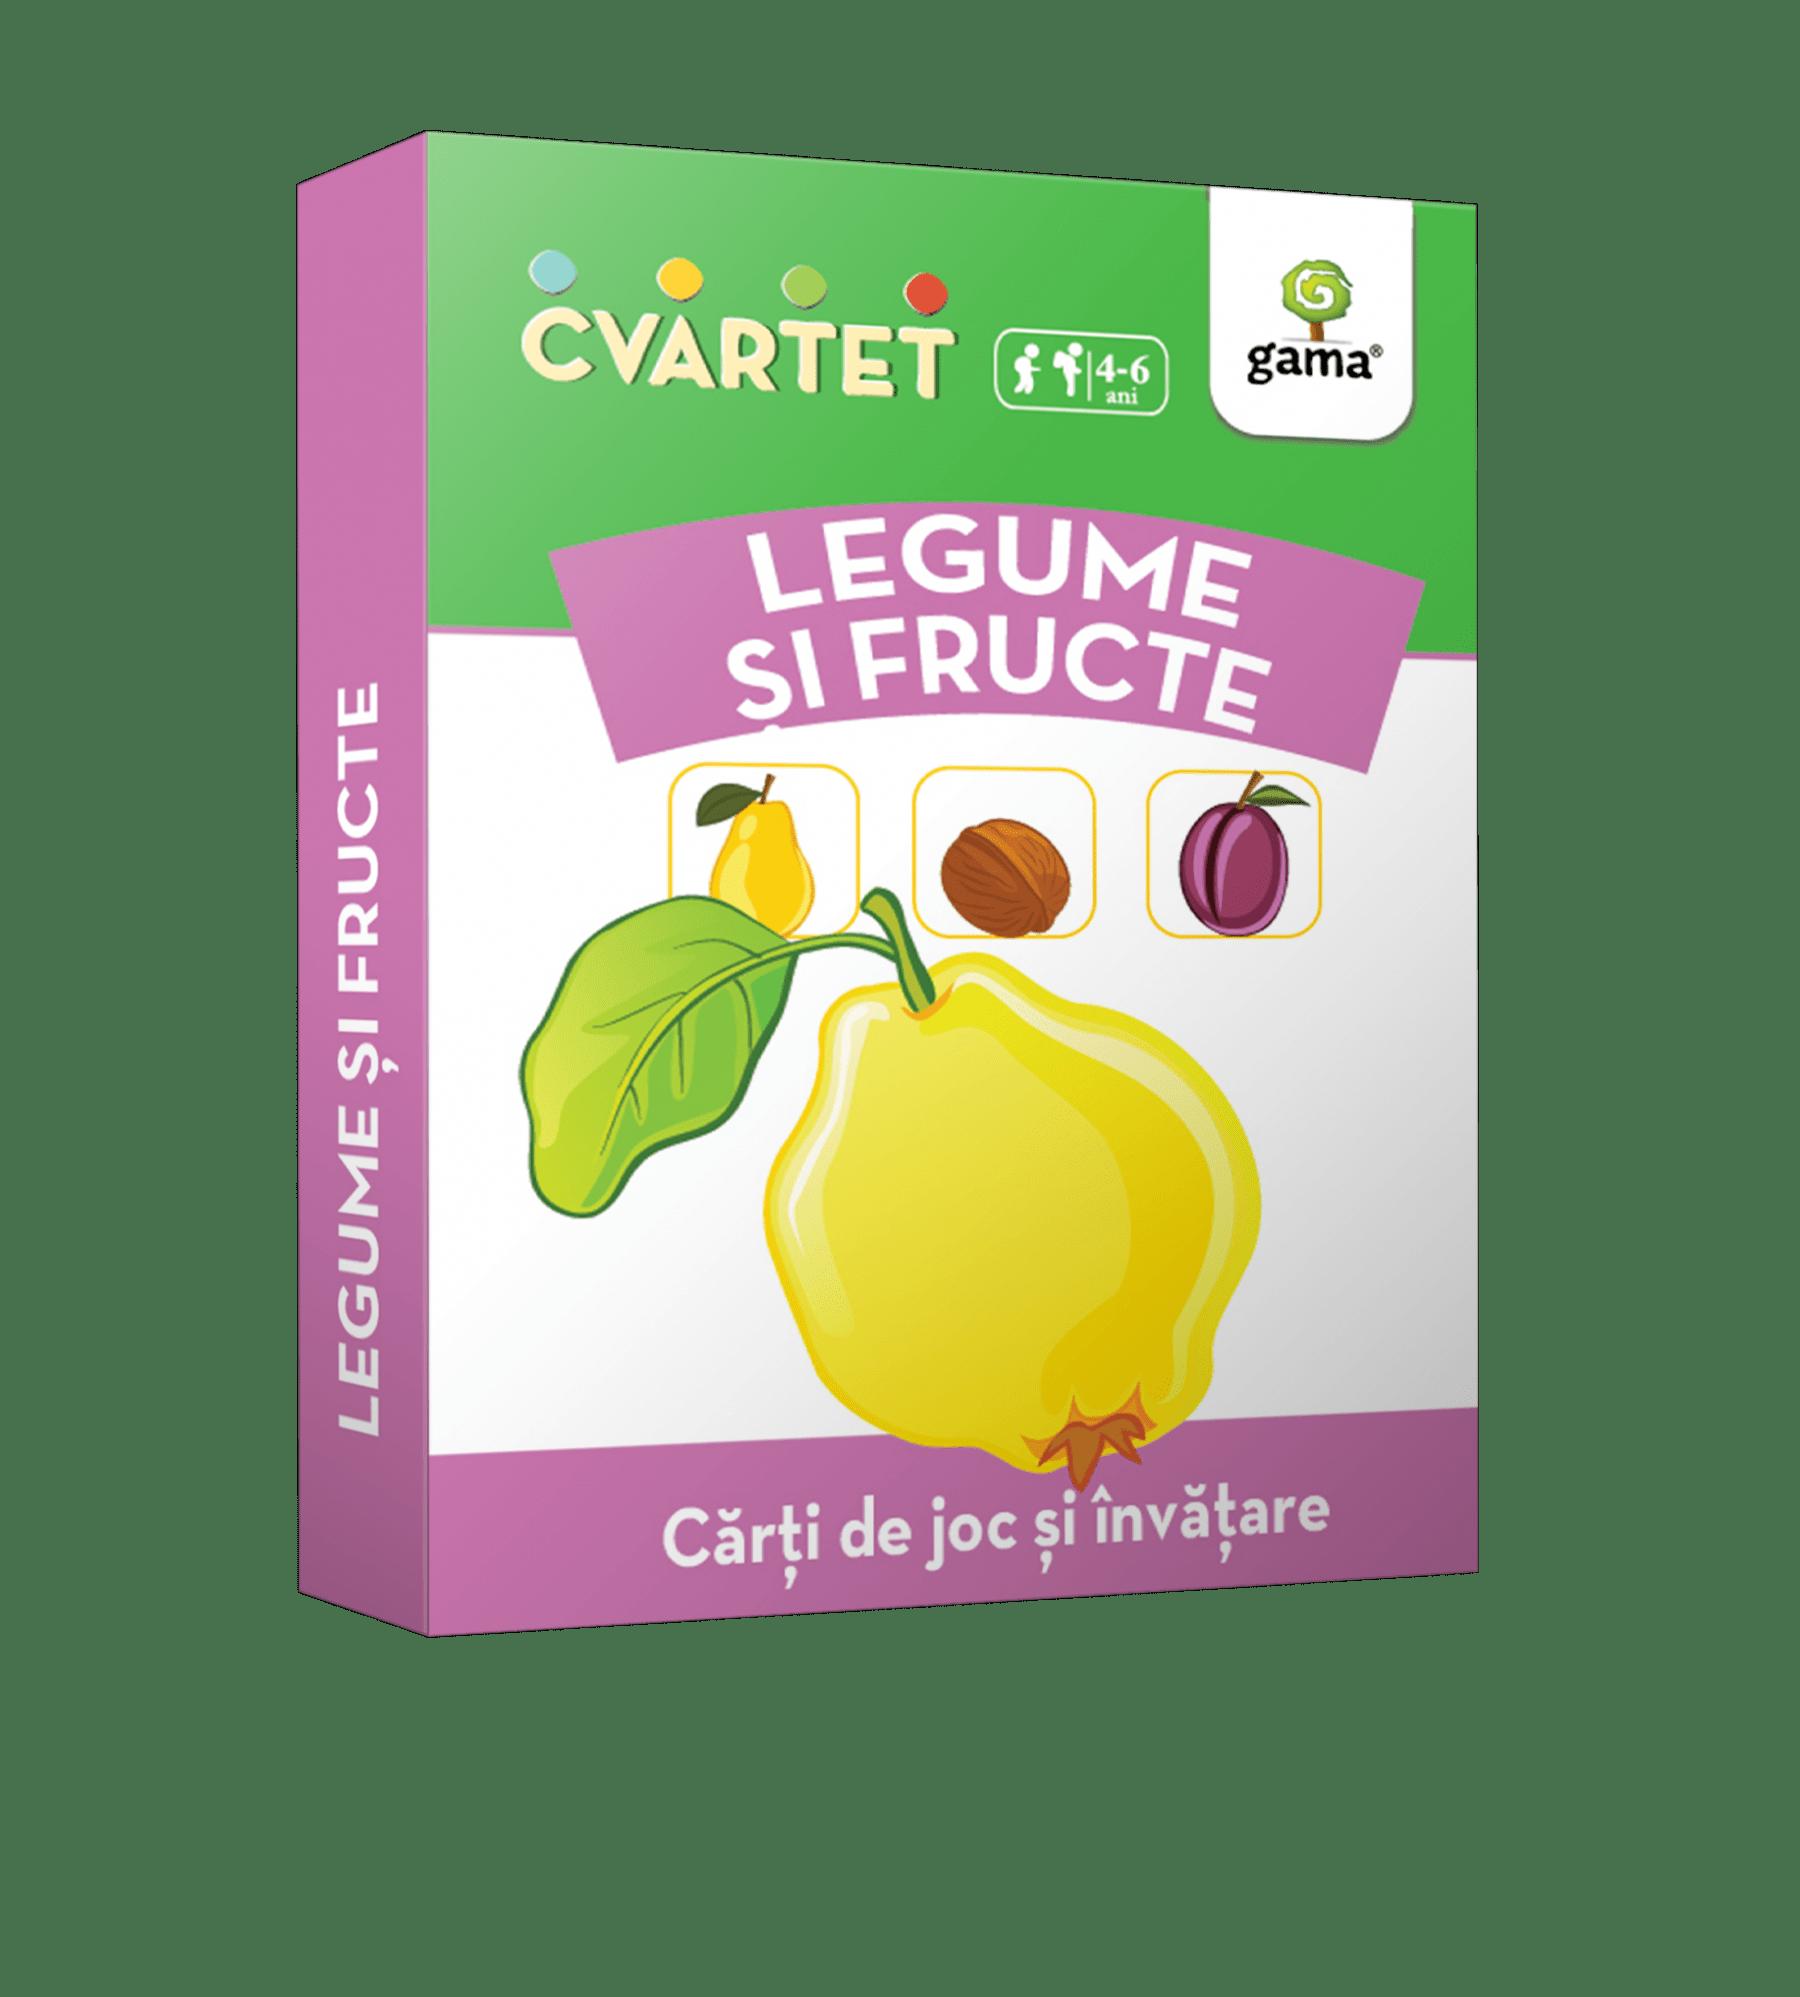 cutie_legume_si_fructe_cvartet